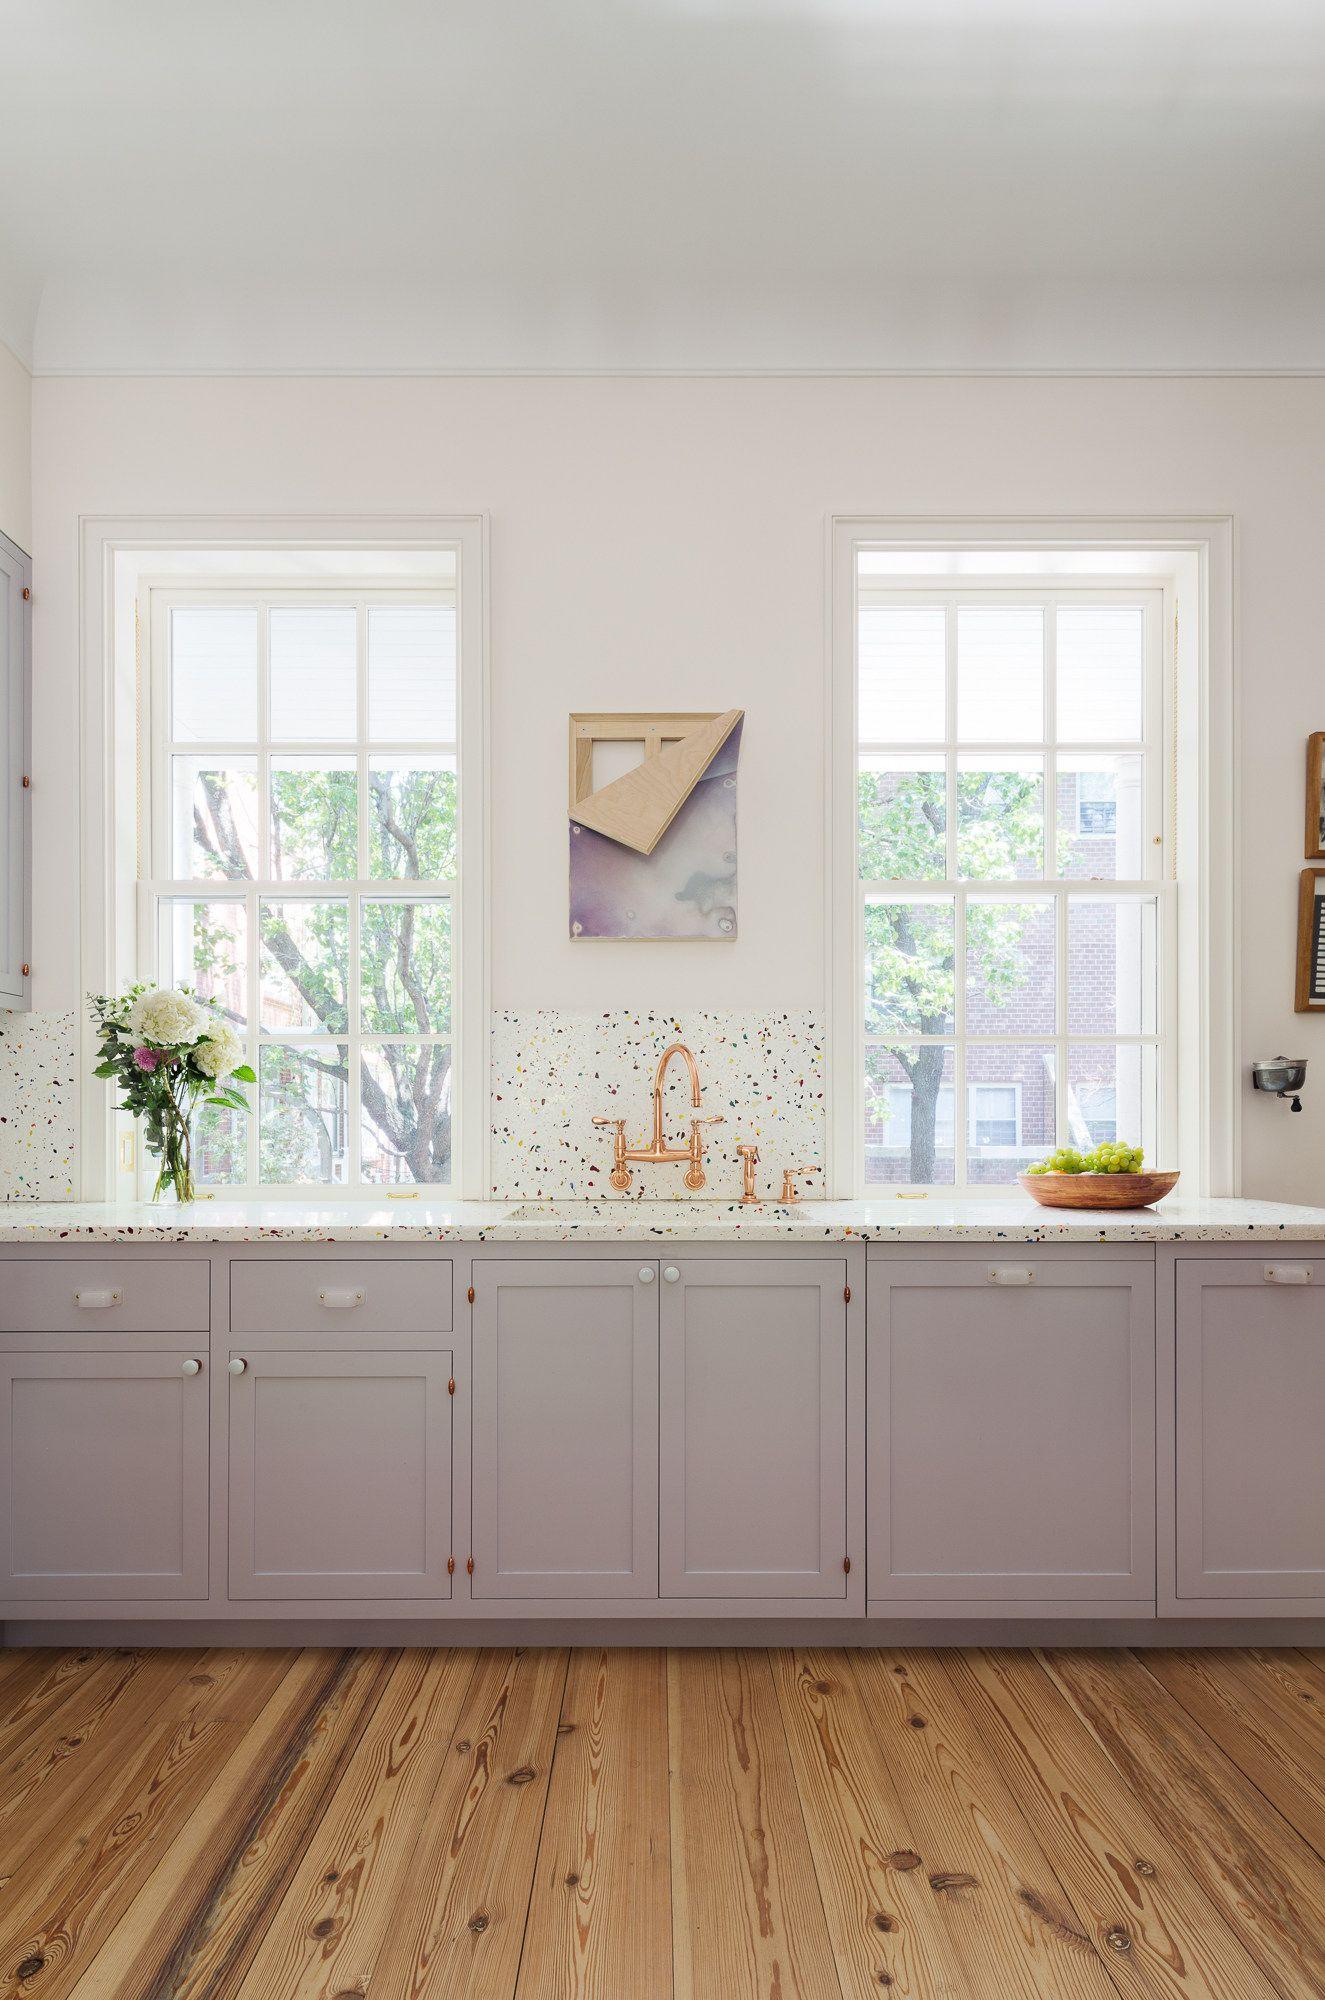 Cast Terrazzo Backsplash In Manhattan Kitchen Remodelista New Kitchen Cabinets Kitchen Remodel Kitchen Cabinet Trends